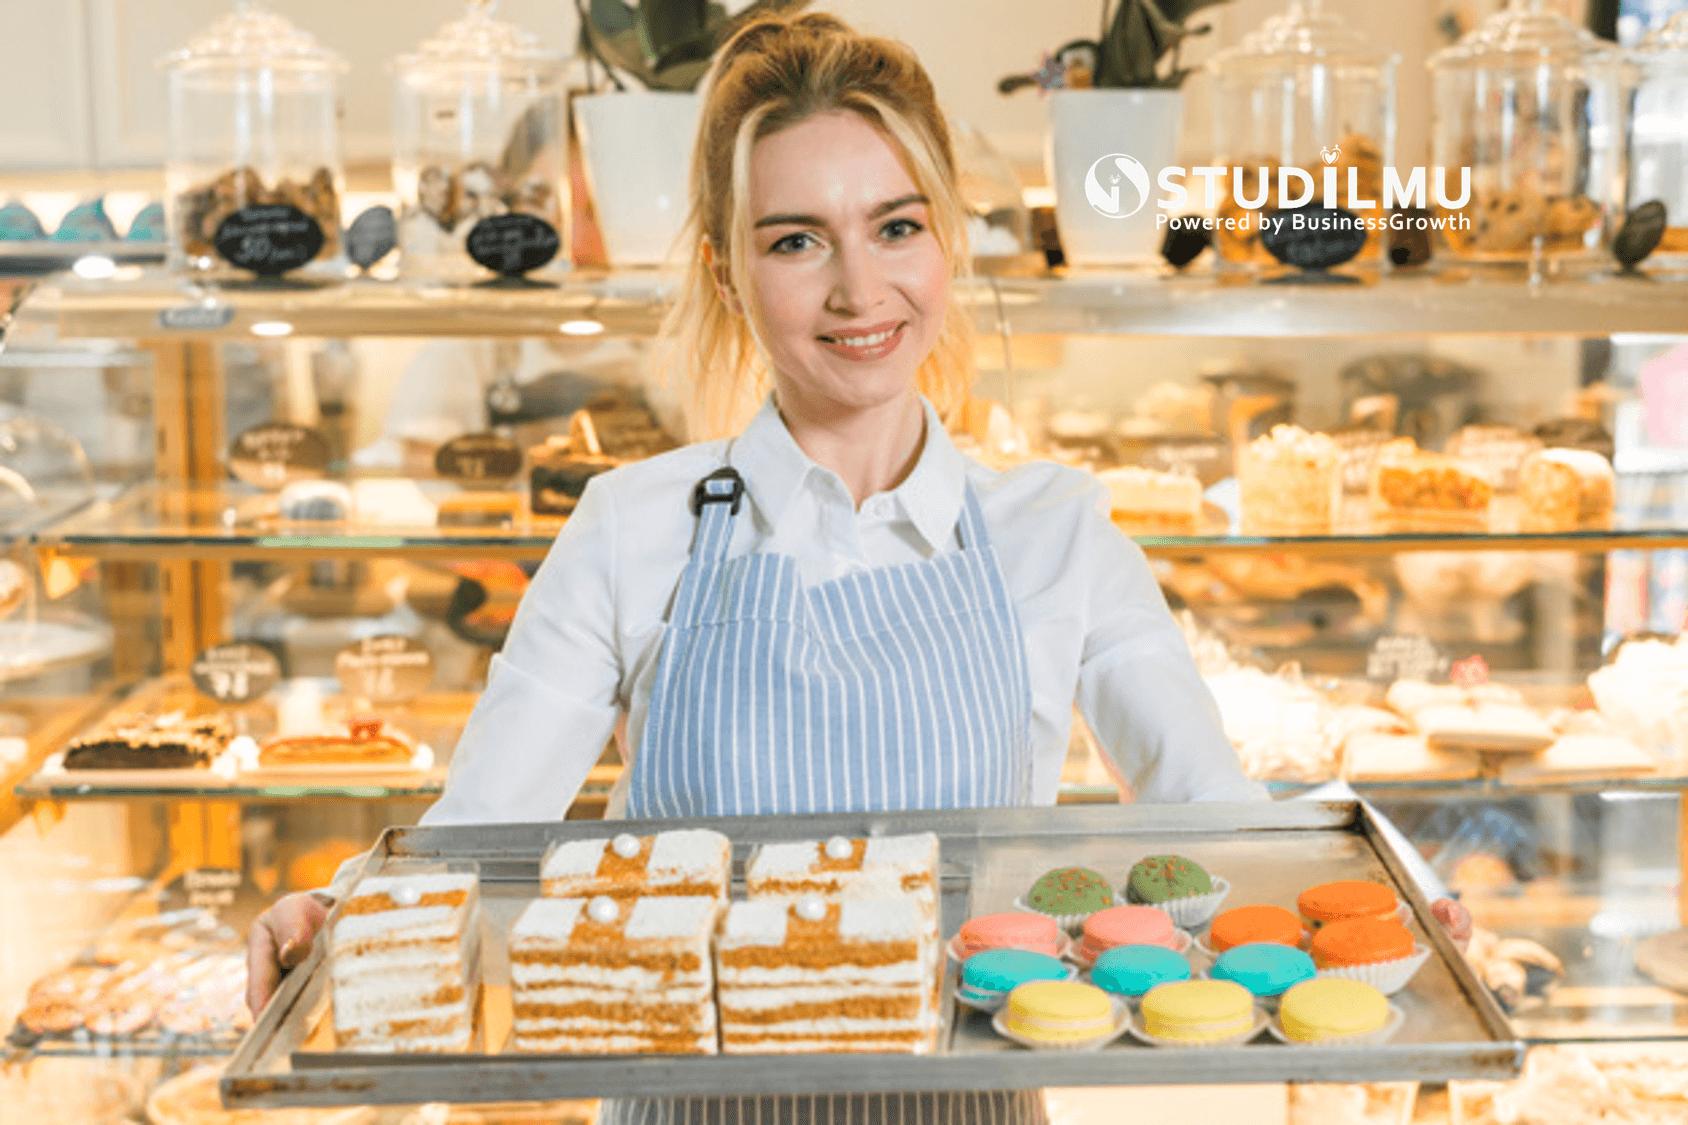 STUDILMU Career Advice - 20 Ide Bisnis bagi Orangtua yang Bekerja di Rumah